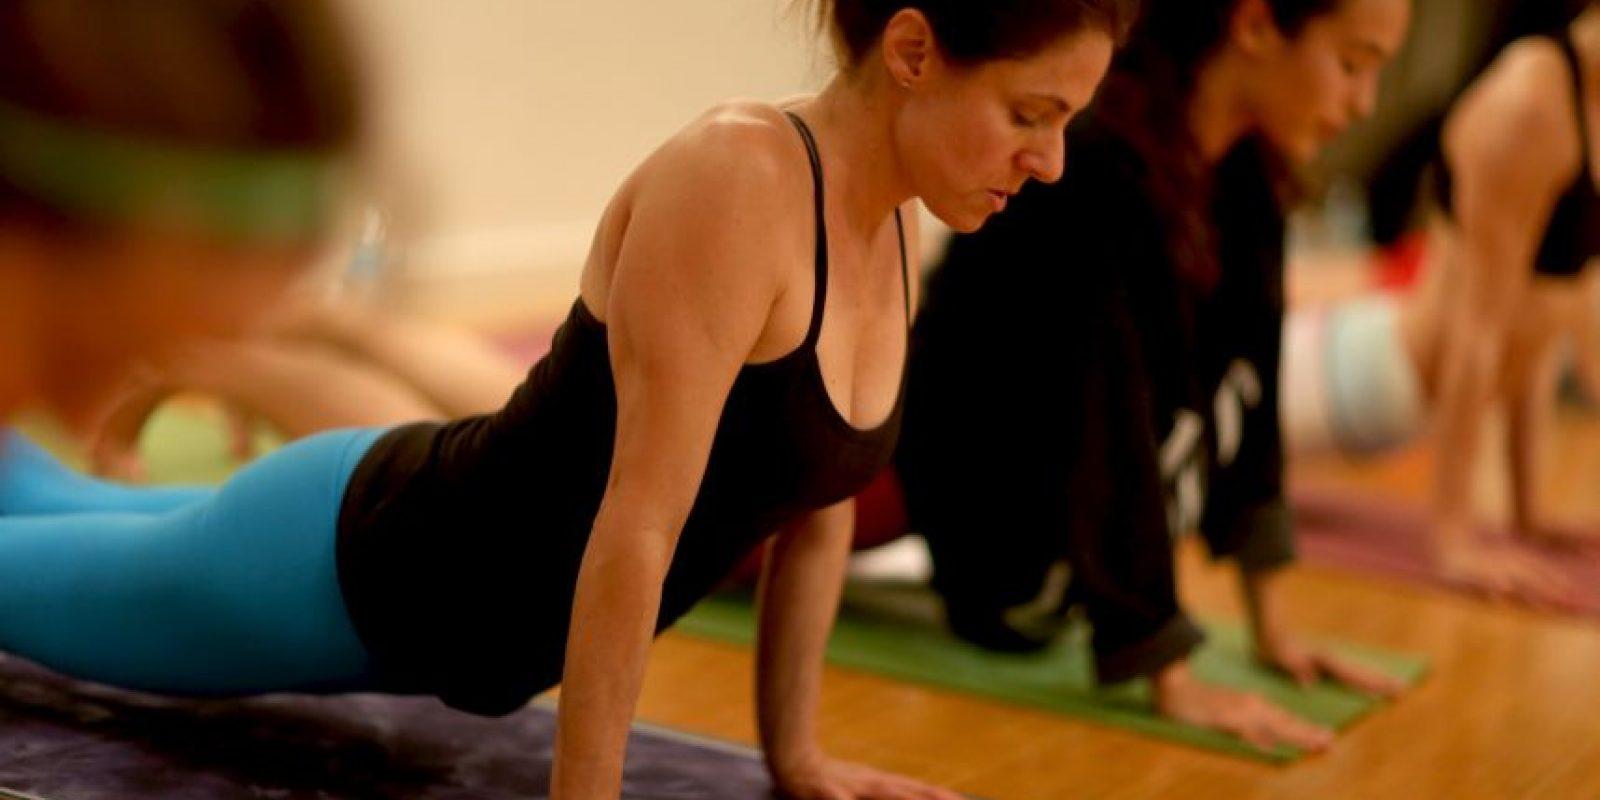 La concentración y la elasticidad son unos de sus beneficios. Foto:Getty Images